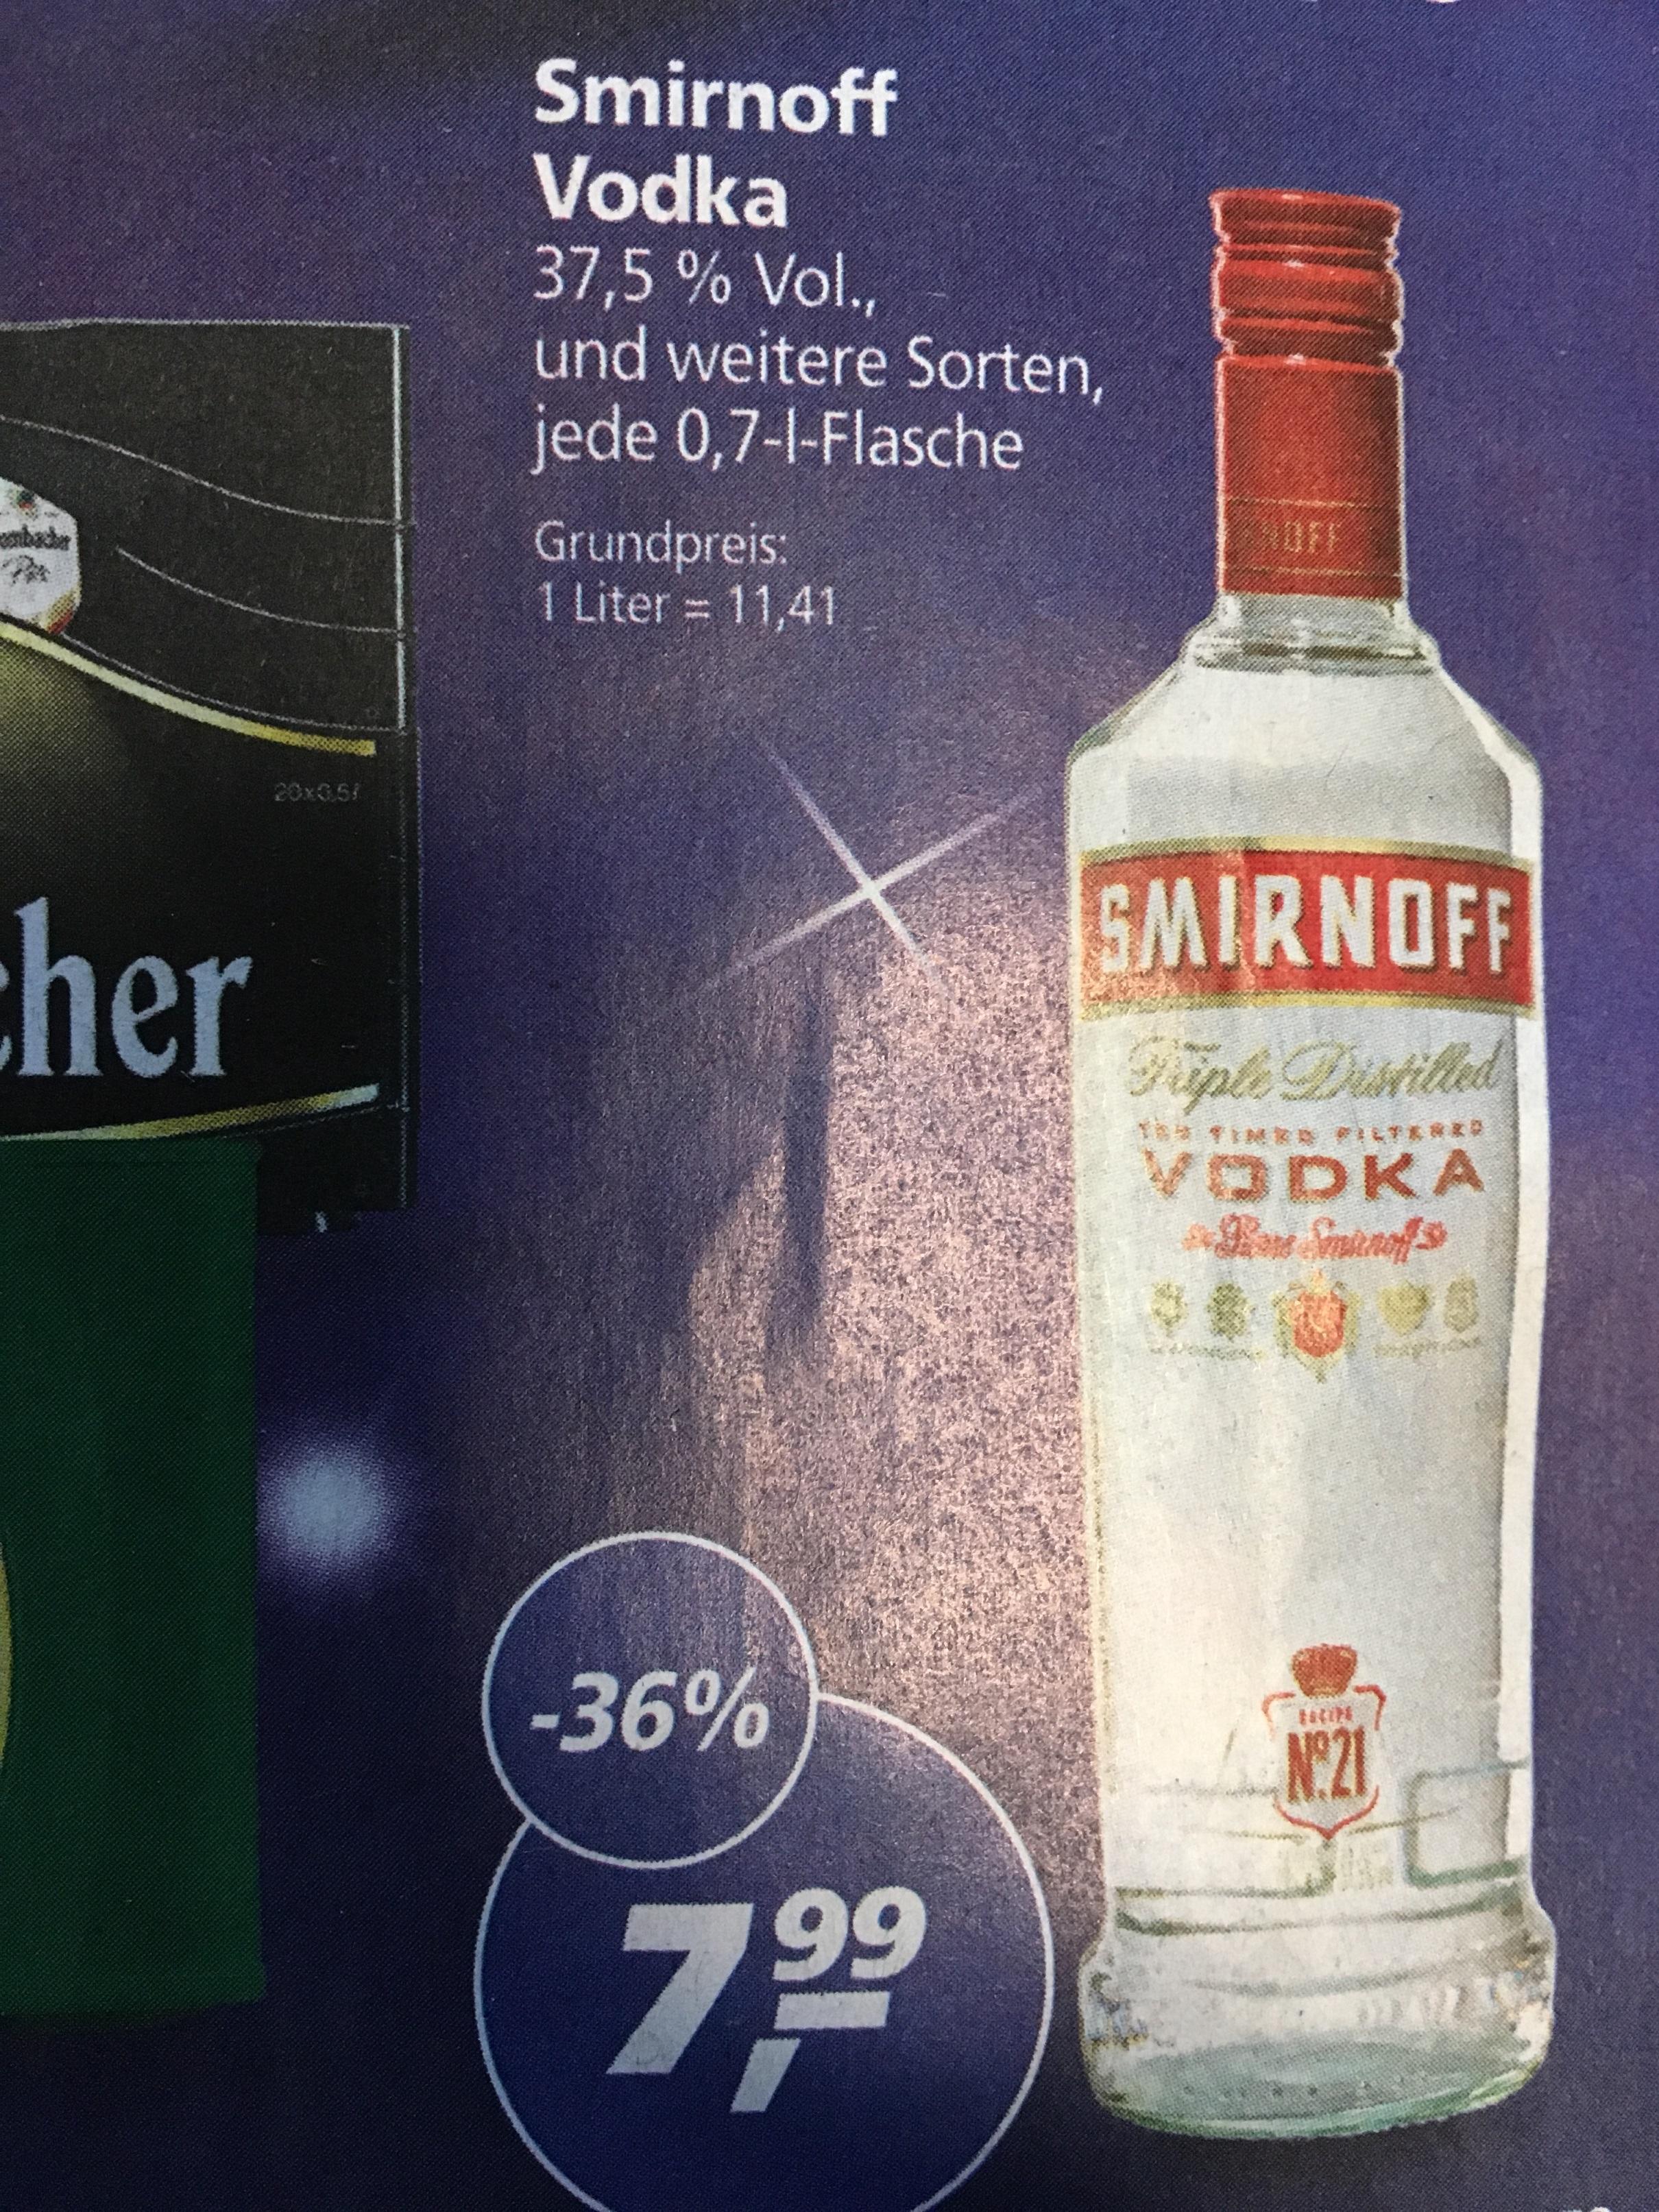 [Real] Smirnoff Vodka 0,7 Liter in versch. Sorten für € 7,99